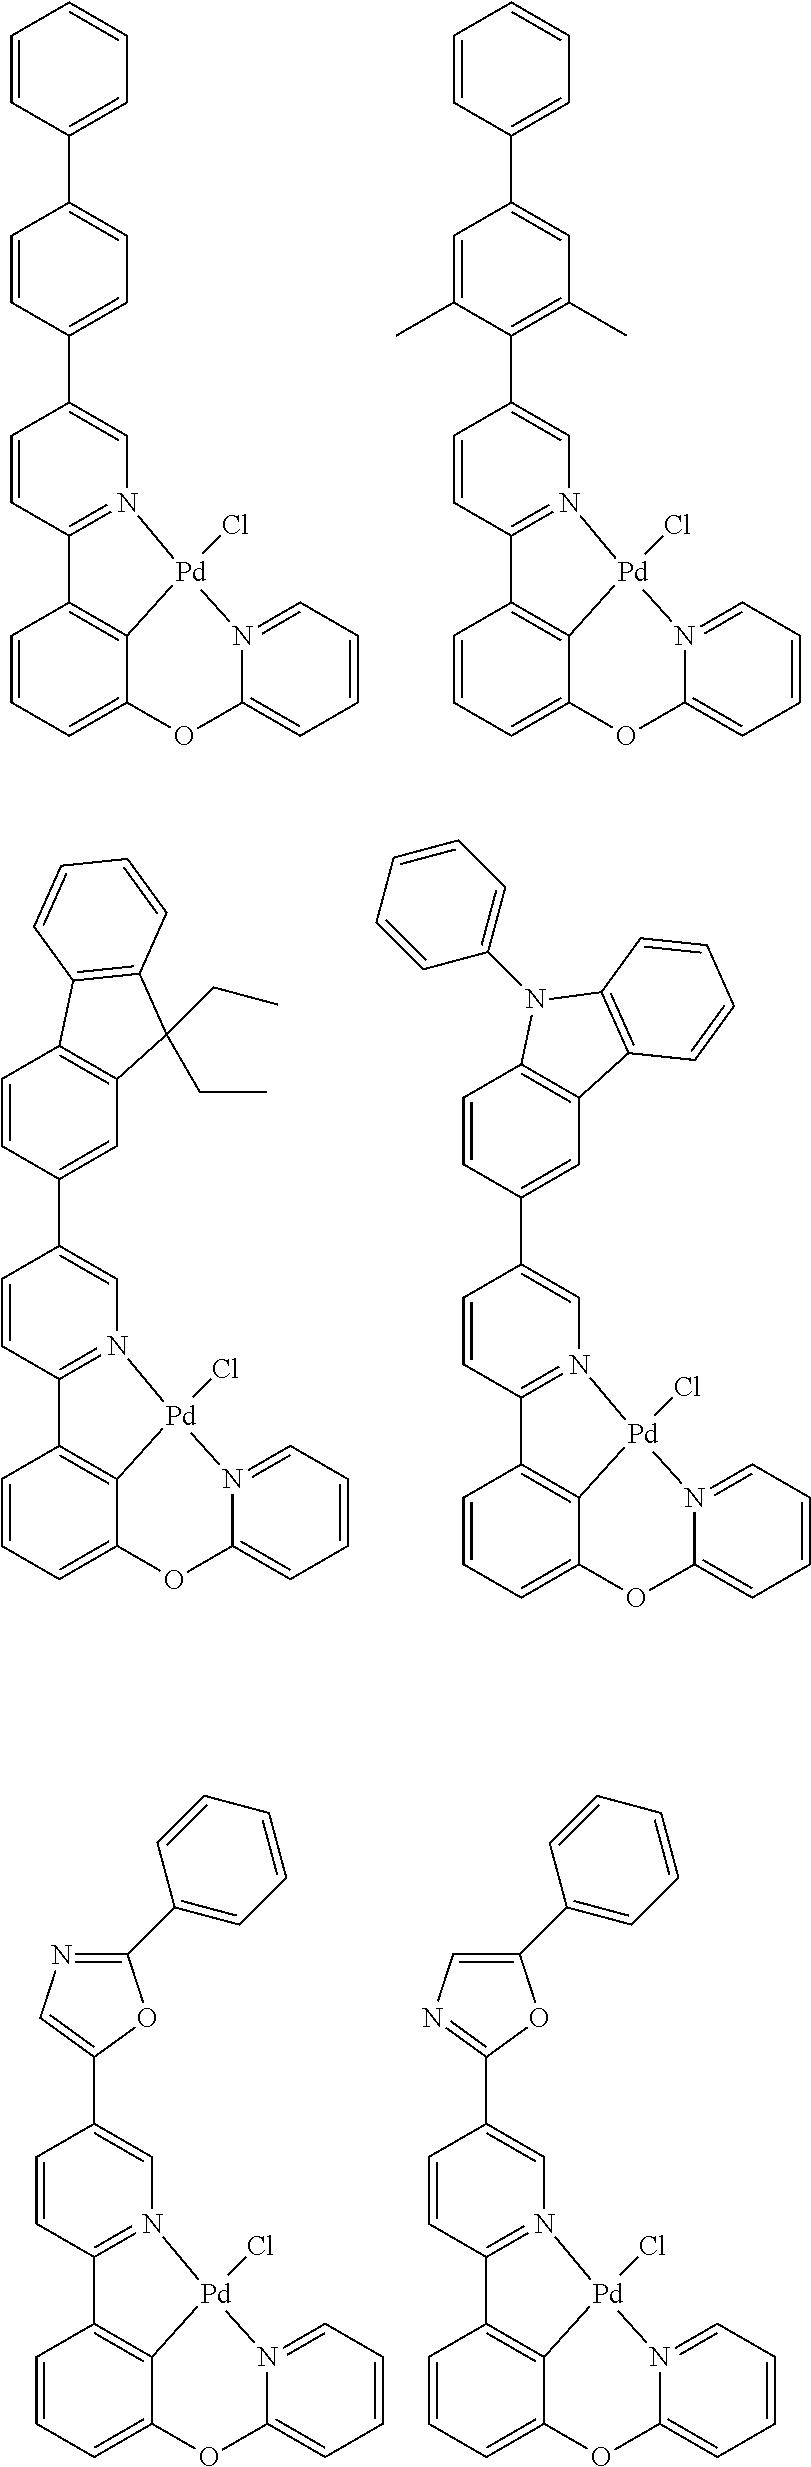 Figure US09818959-20171114-C00199